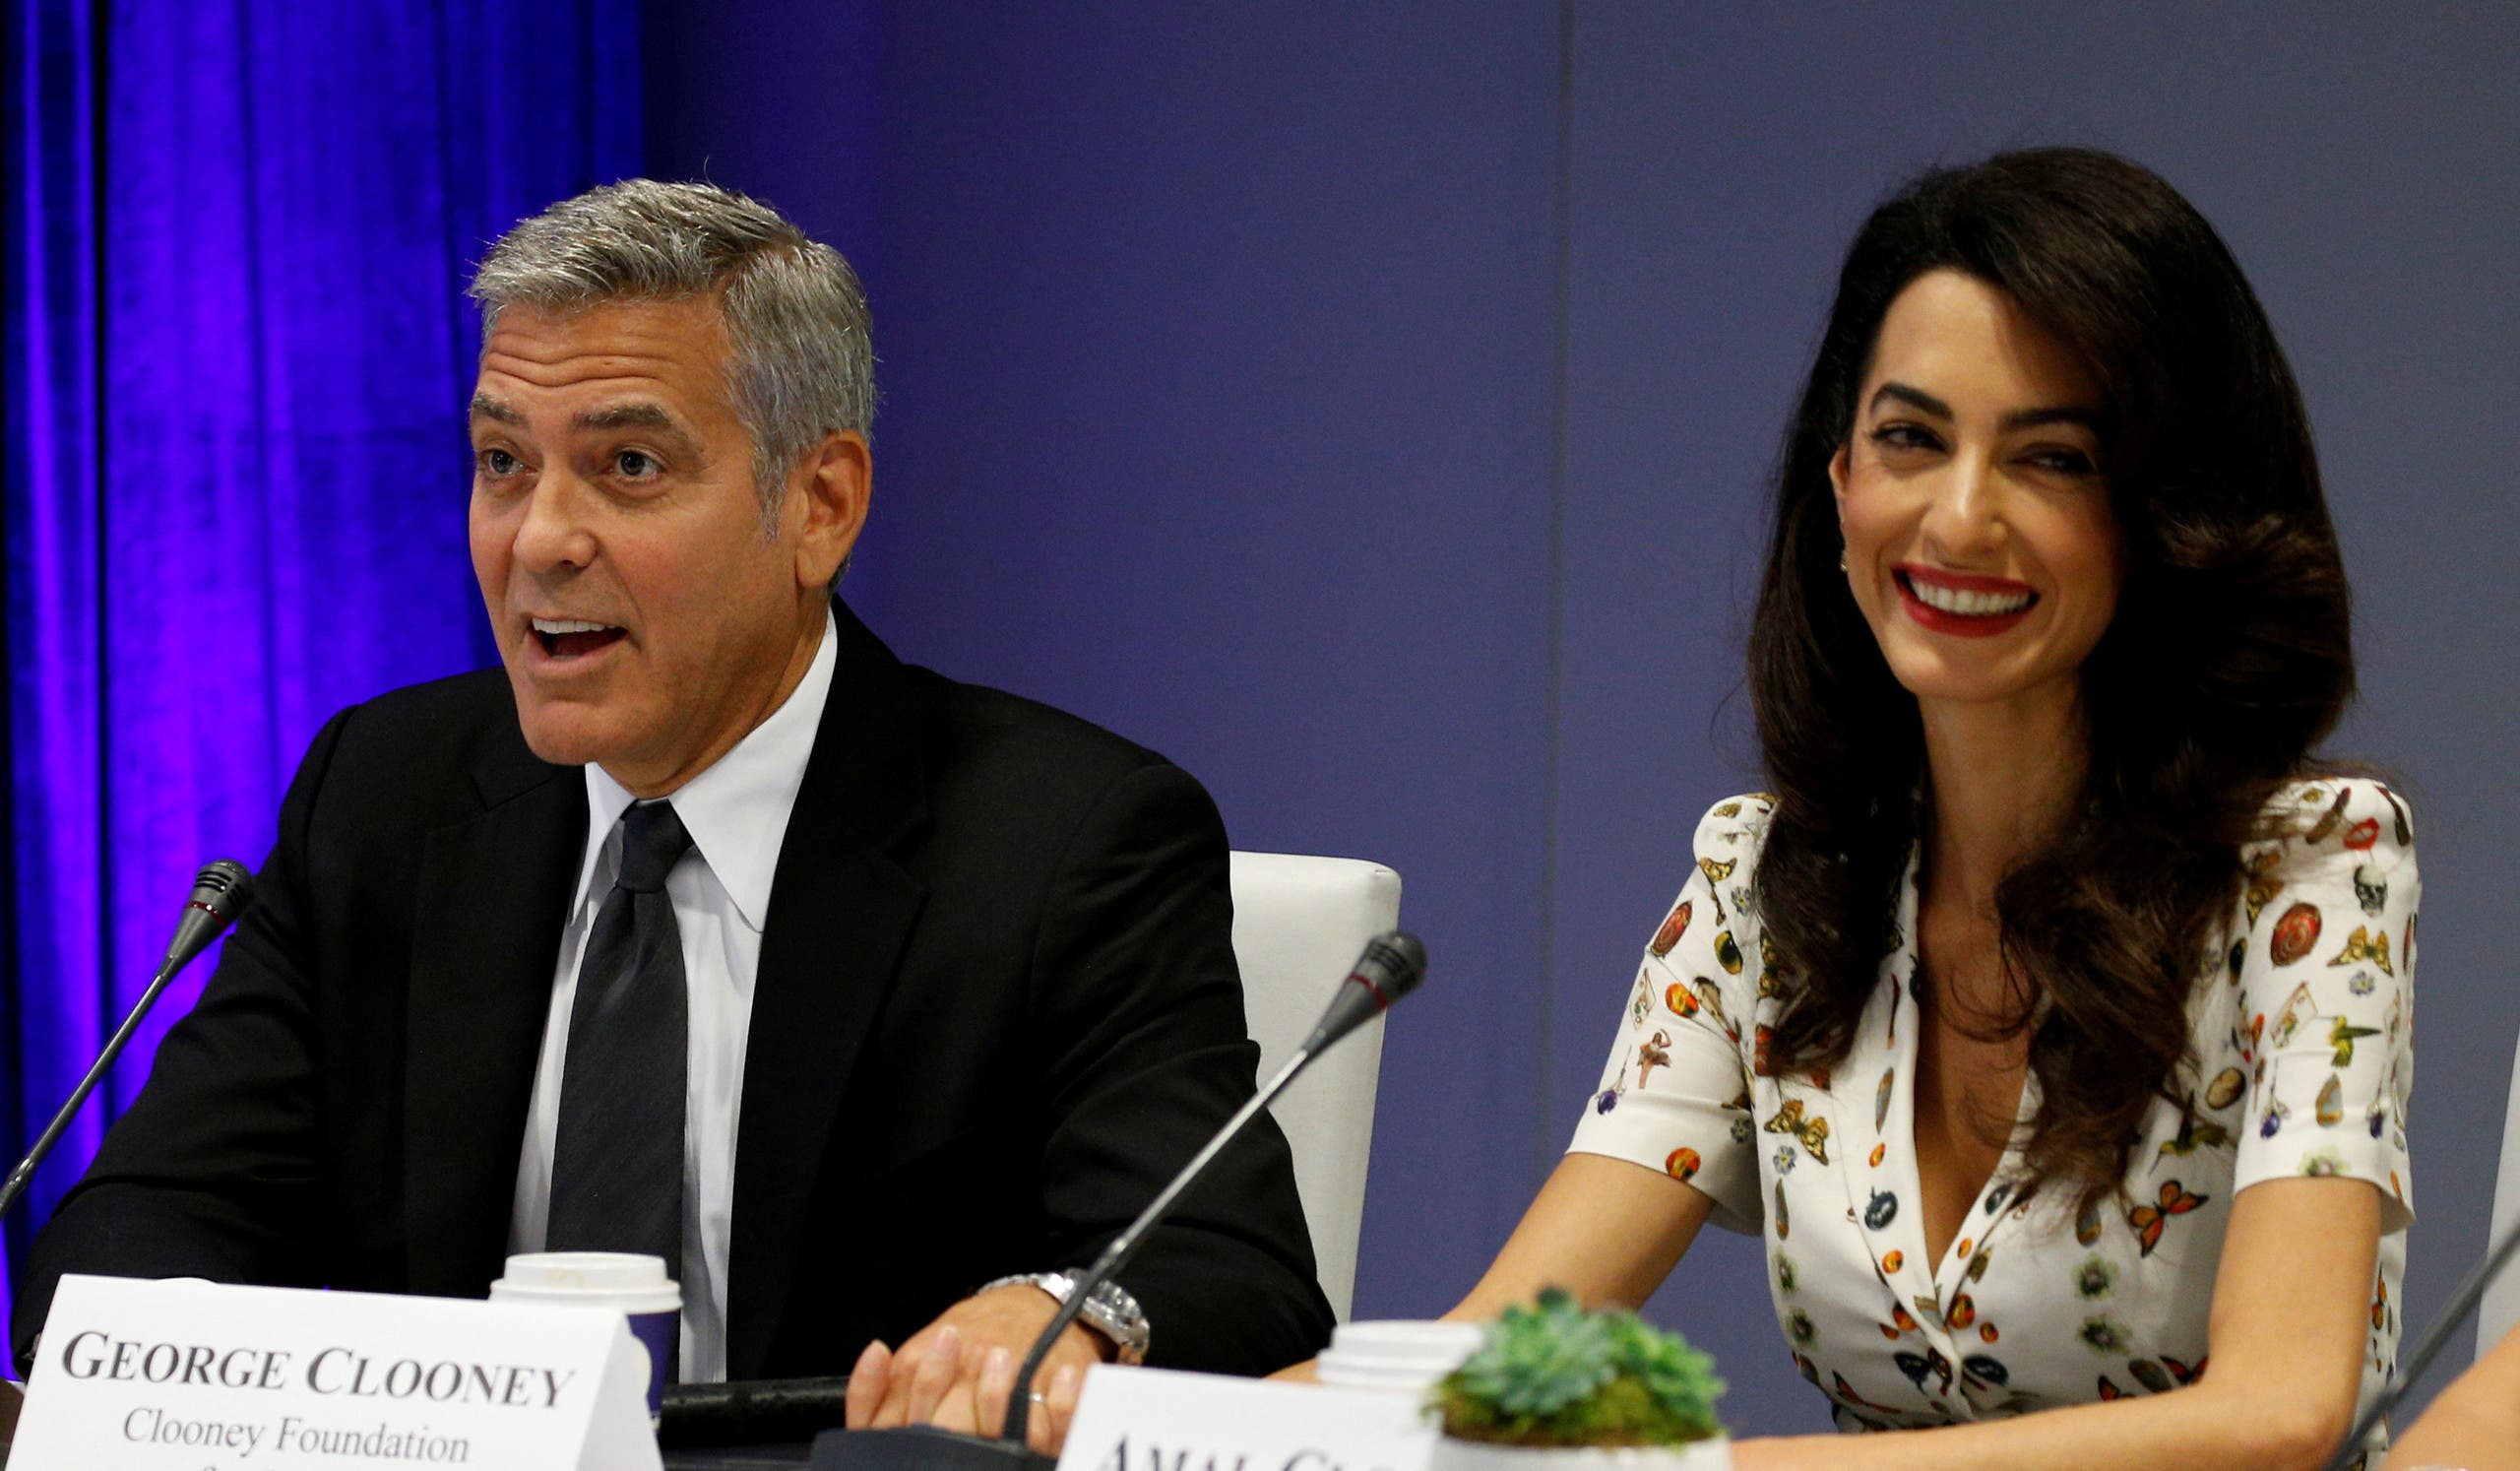 جورج وأمل كلوني خلال اجتماع في الأمم المتحدة في سبتمبر الماضي